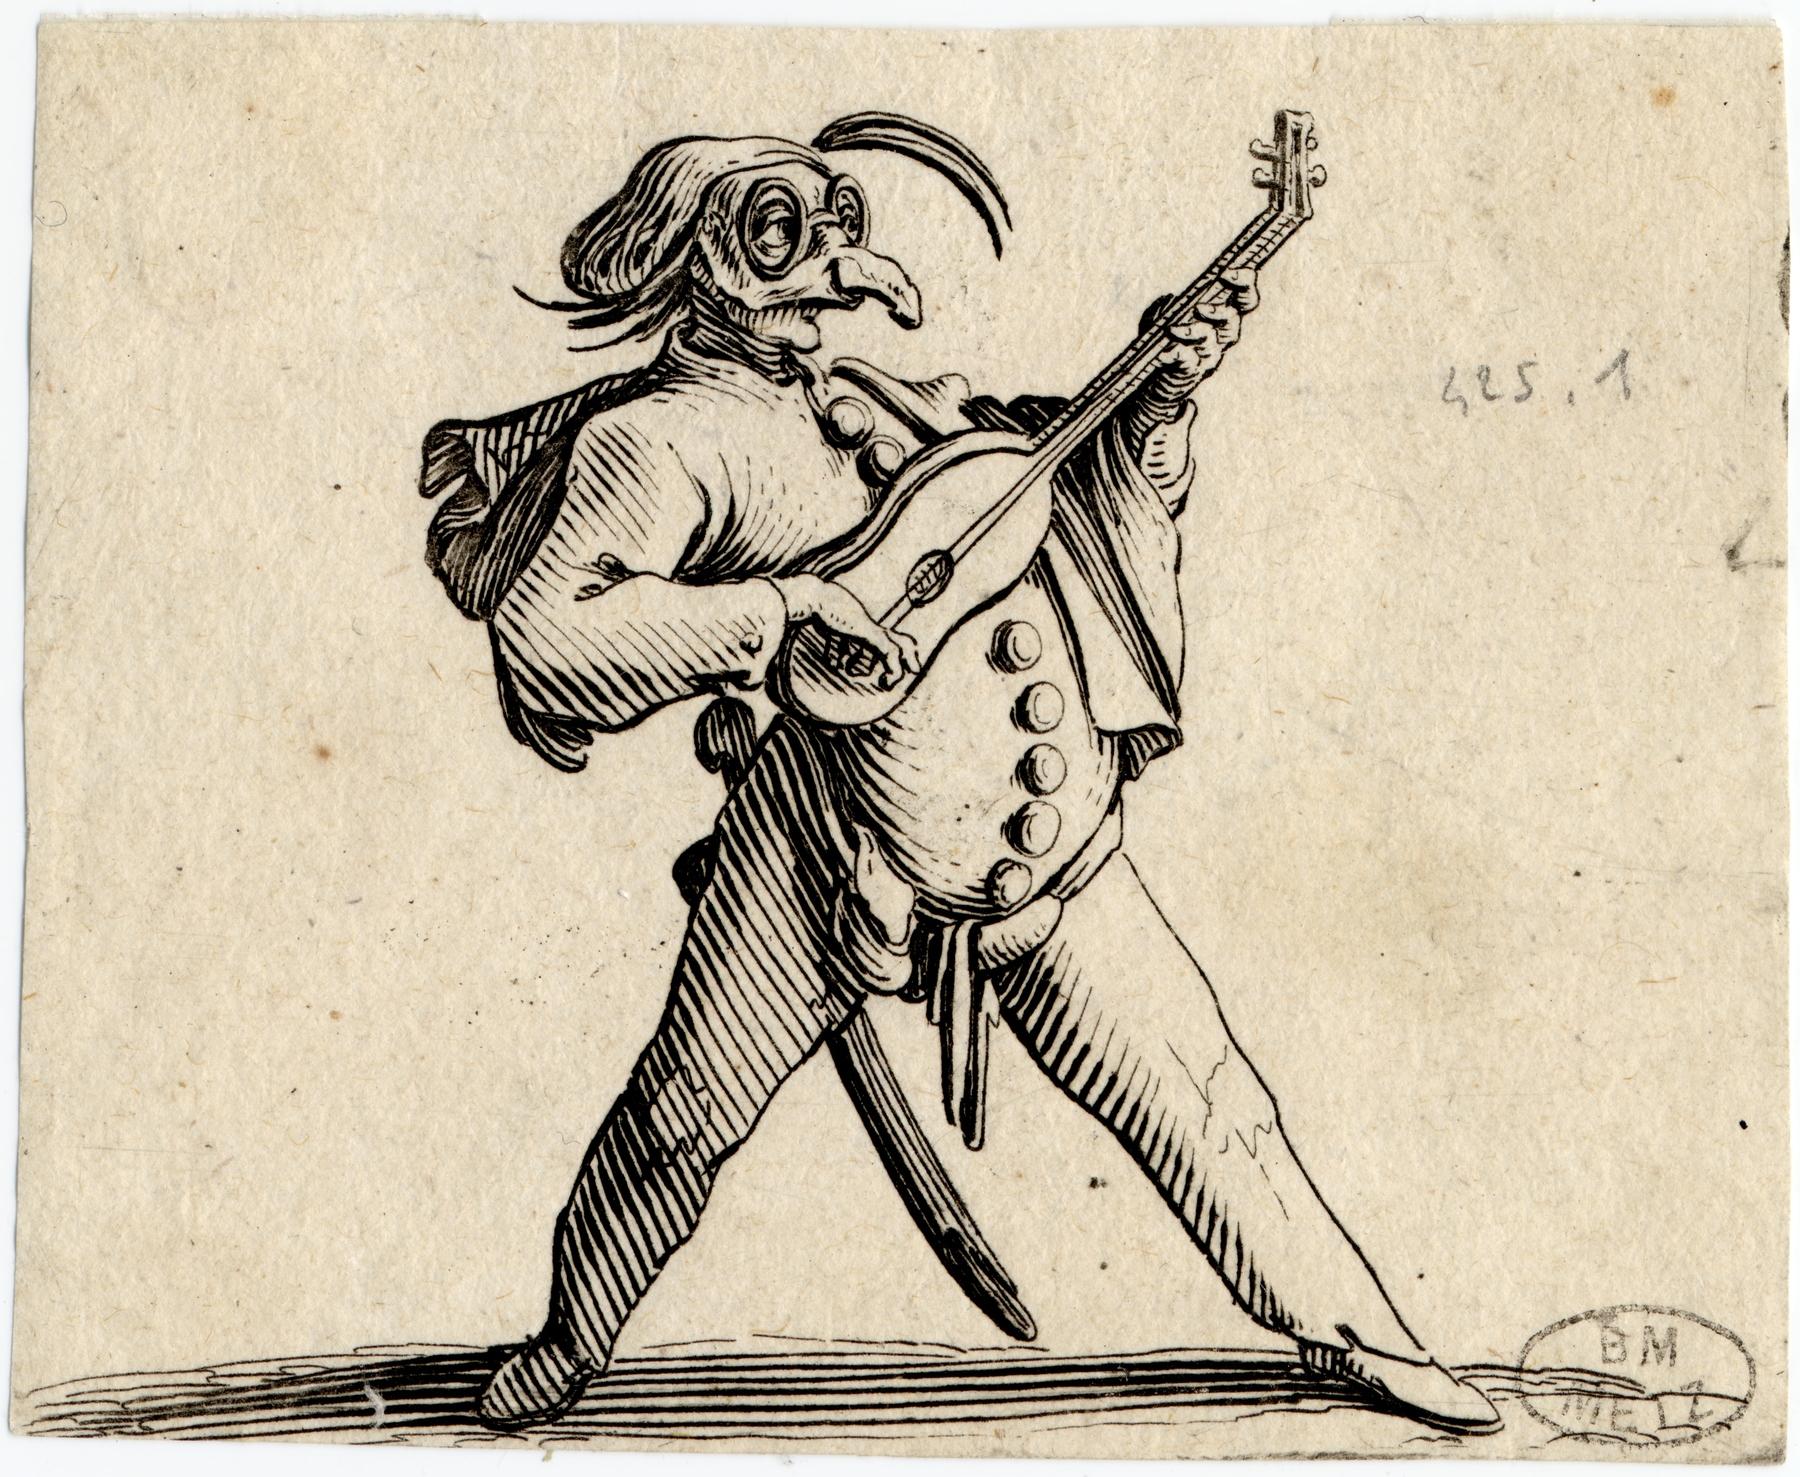 Contenu du Les Gobbi: Le comédien masqué jouant de la guitare